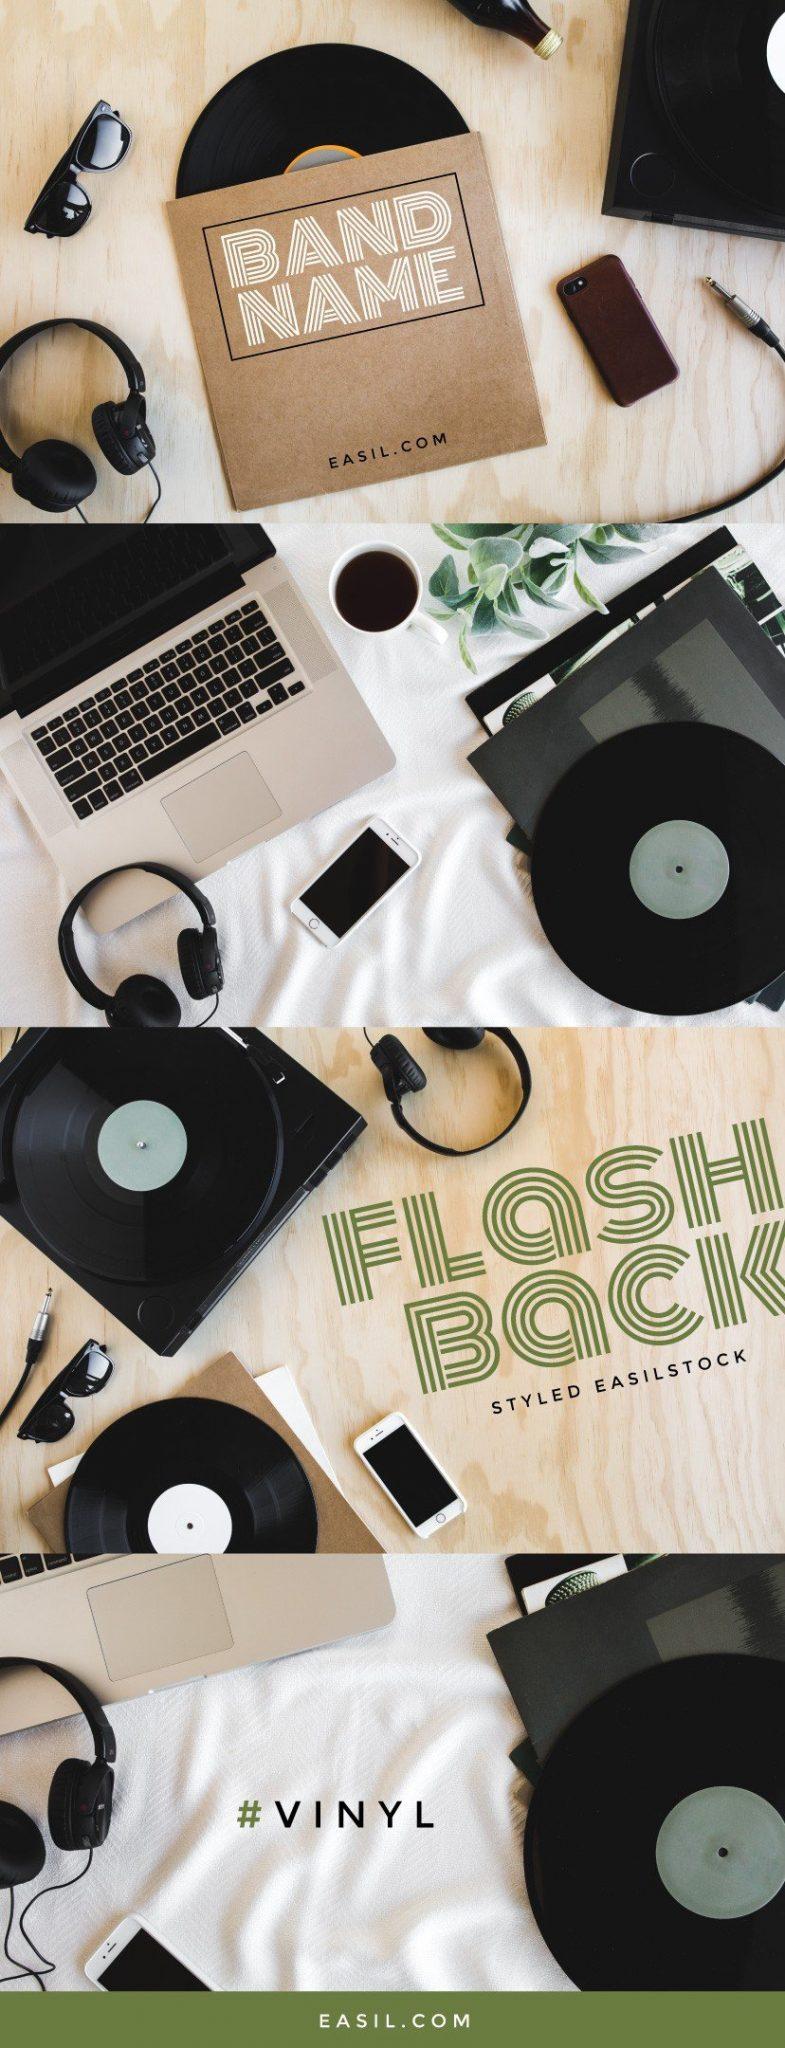 Music styled stock, vinyl records, EasilStock